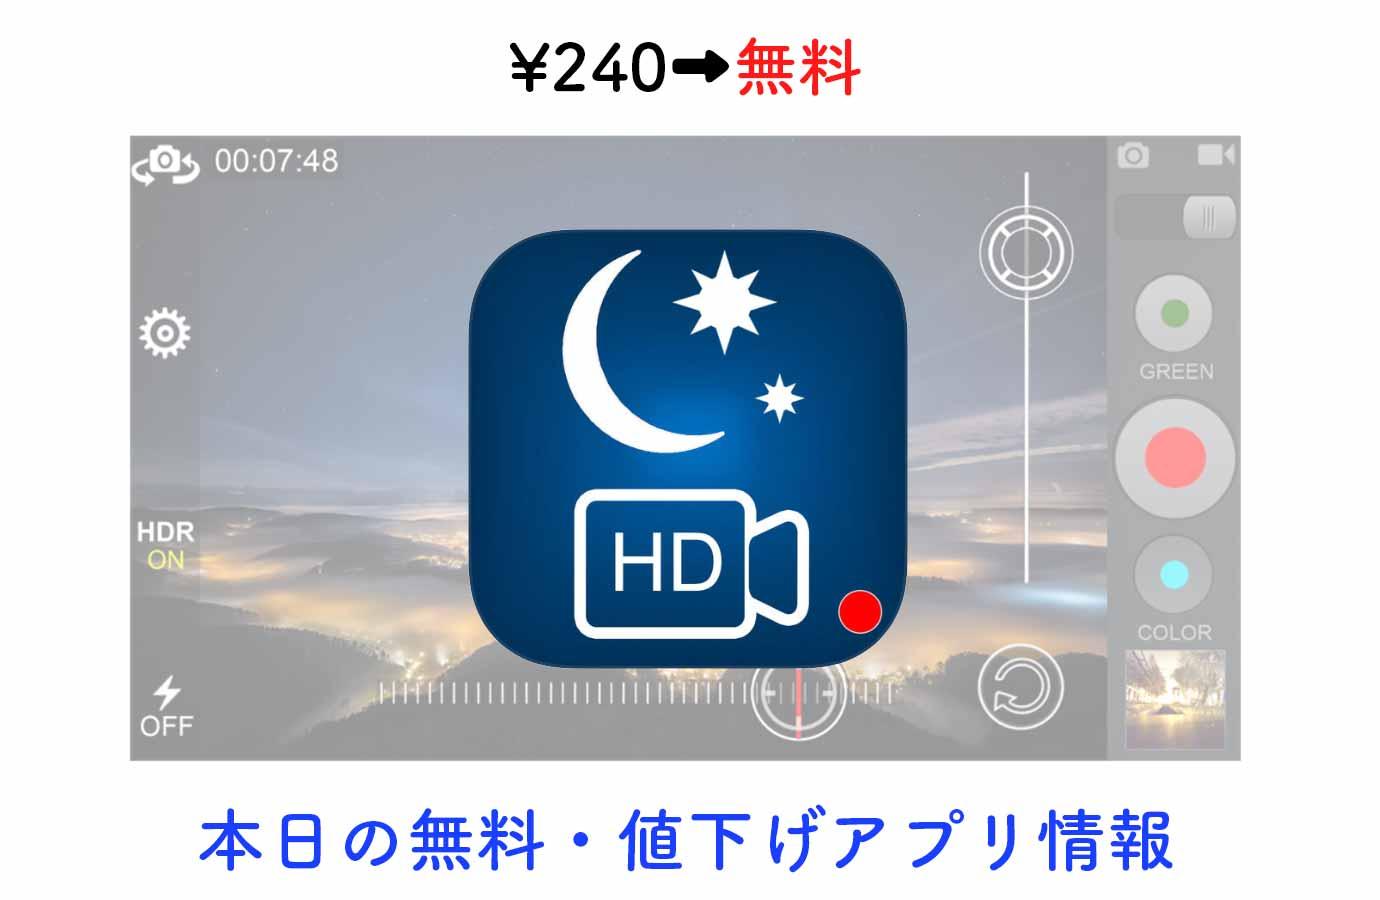 ¥240→無料、夜景撮影に特化したカメラアプリ「Night Photo and Video Shoot」など【8/9】本日の無料・値下げアプリ情報